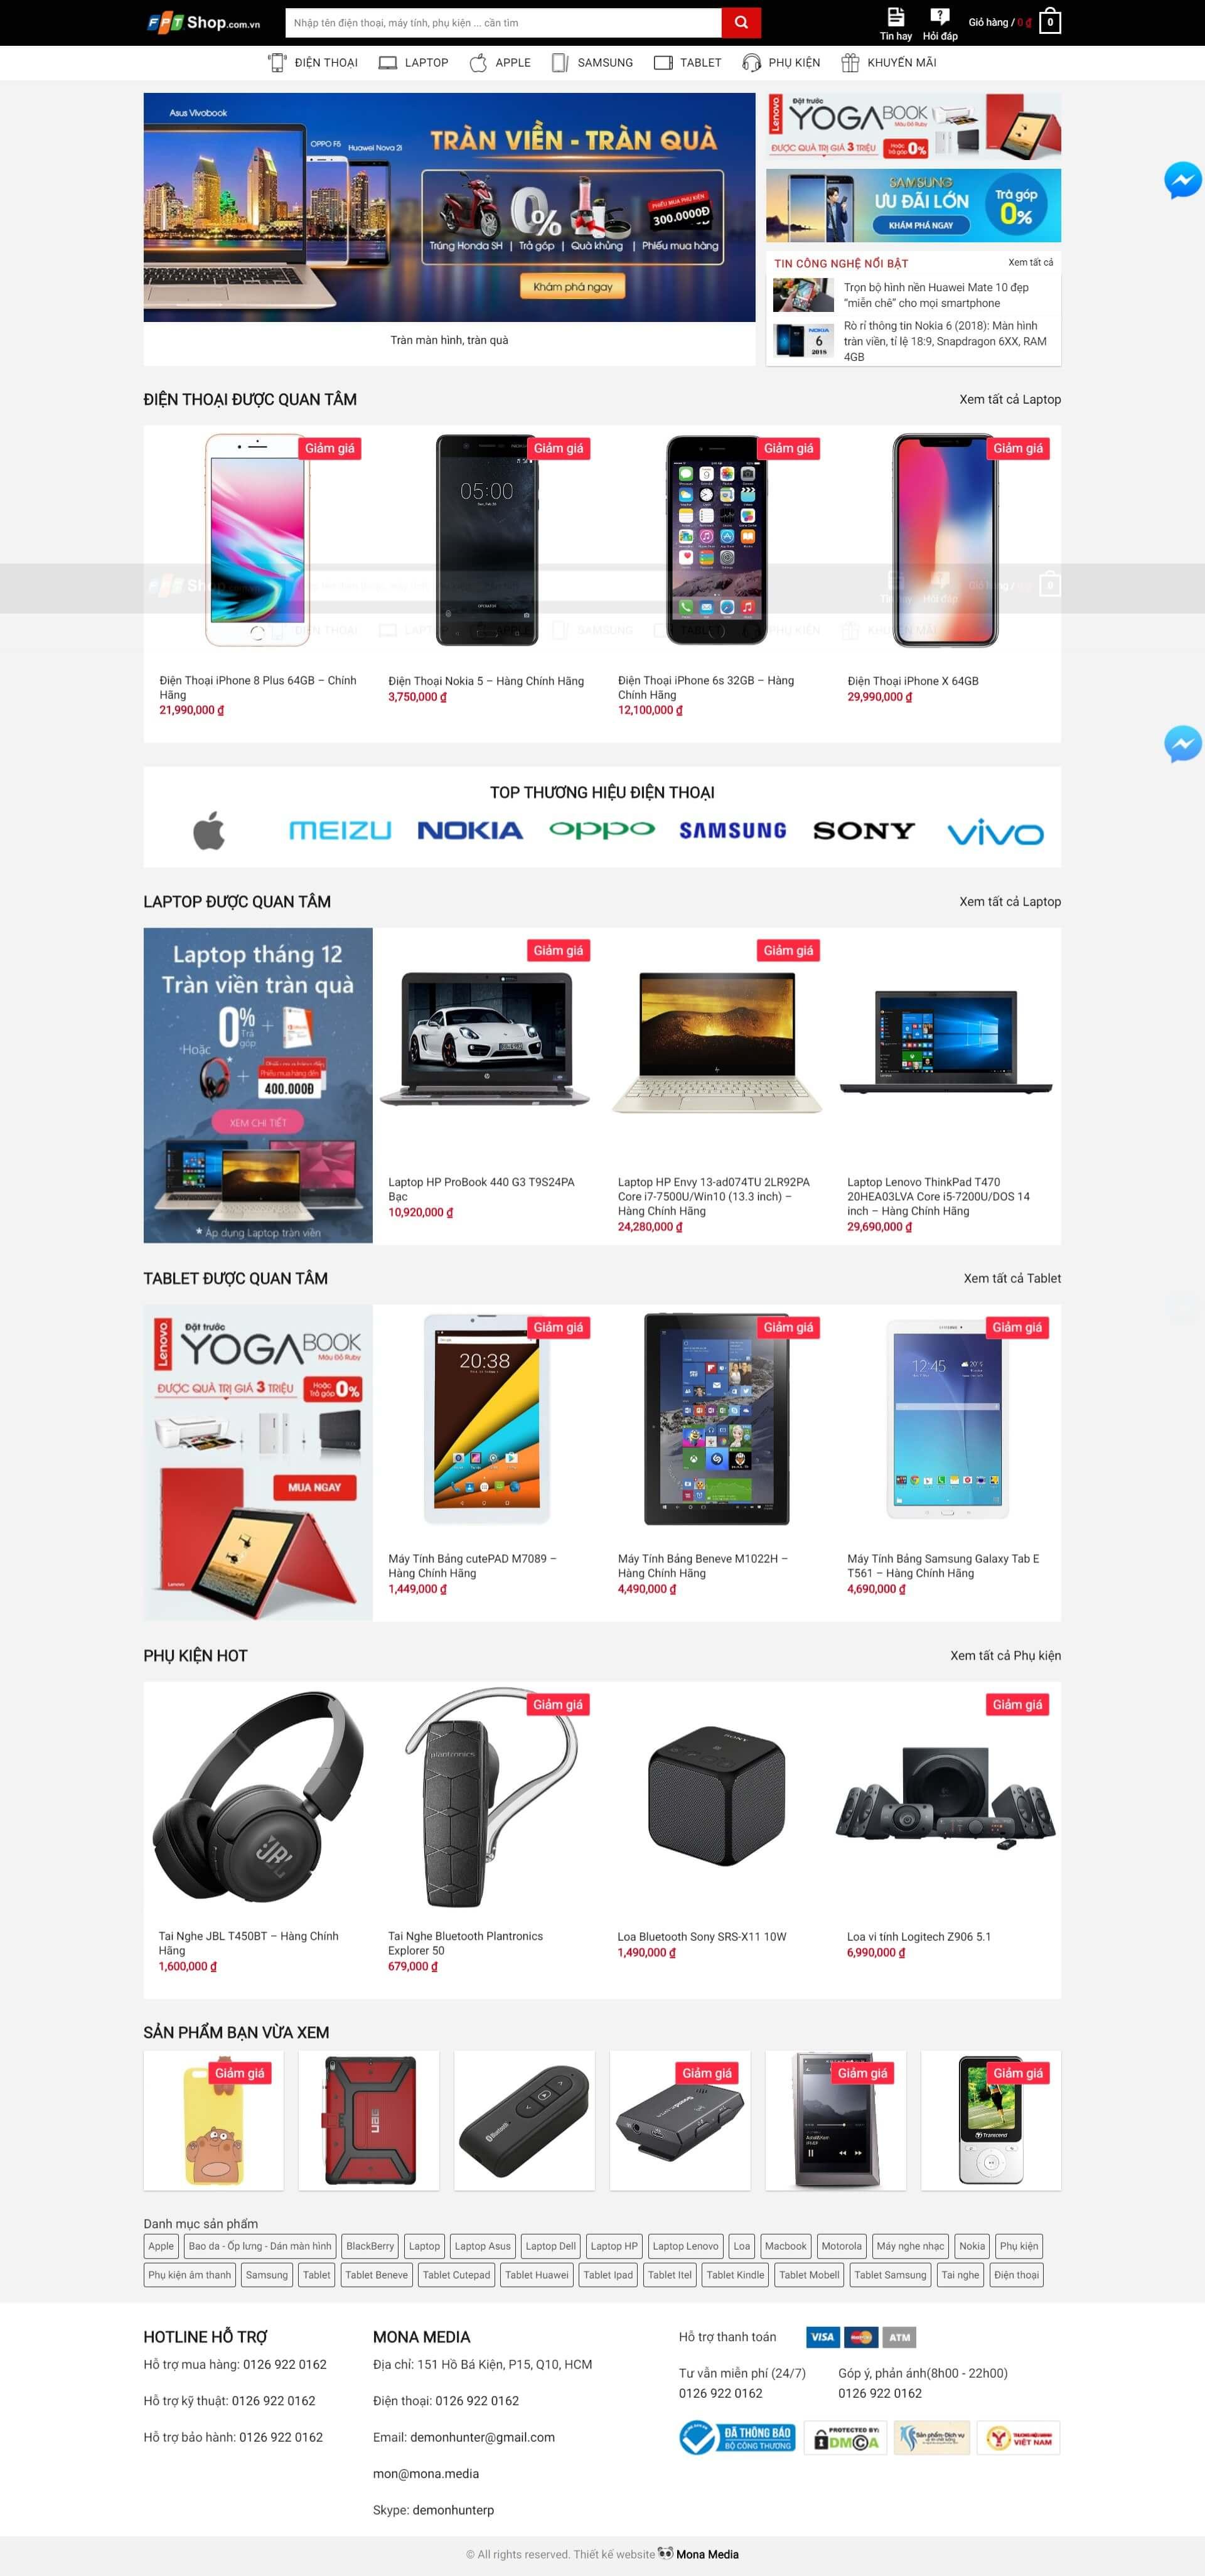 Mẫu website bán hàng phụ kiện điện thoại | Thiết kế website bán hàng phụ  kiện điện thoại